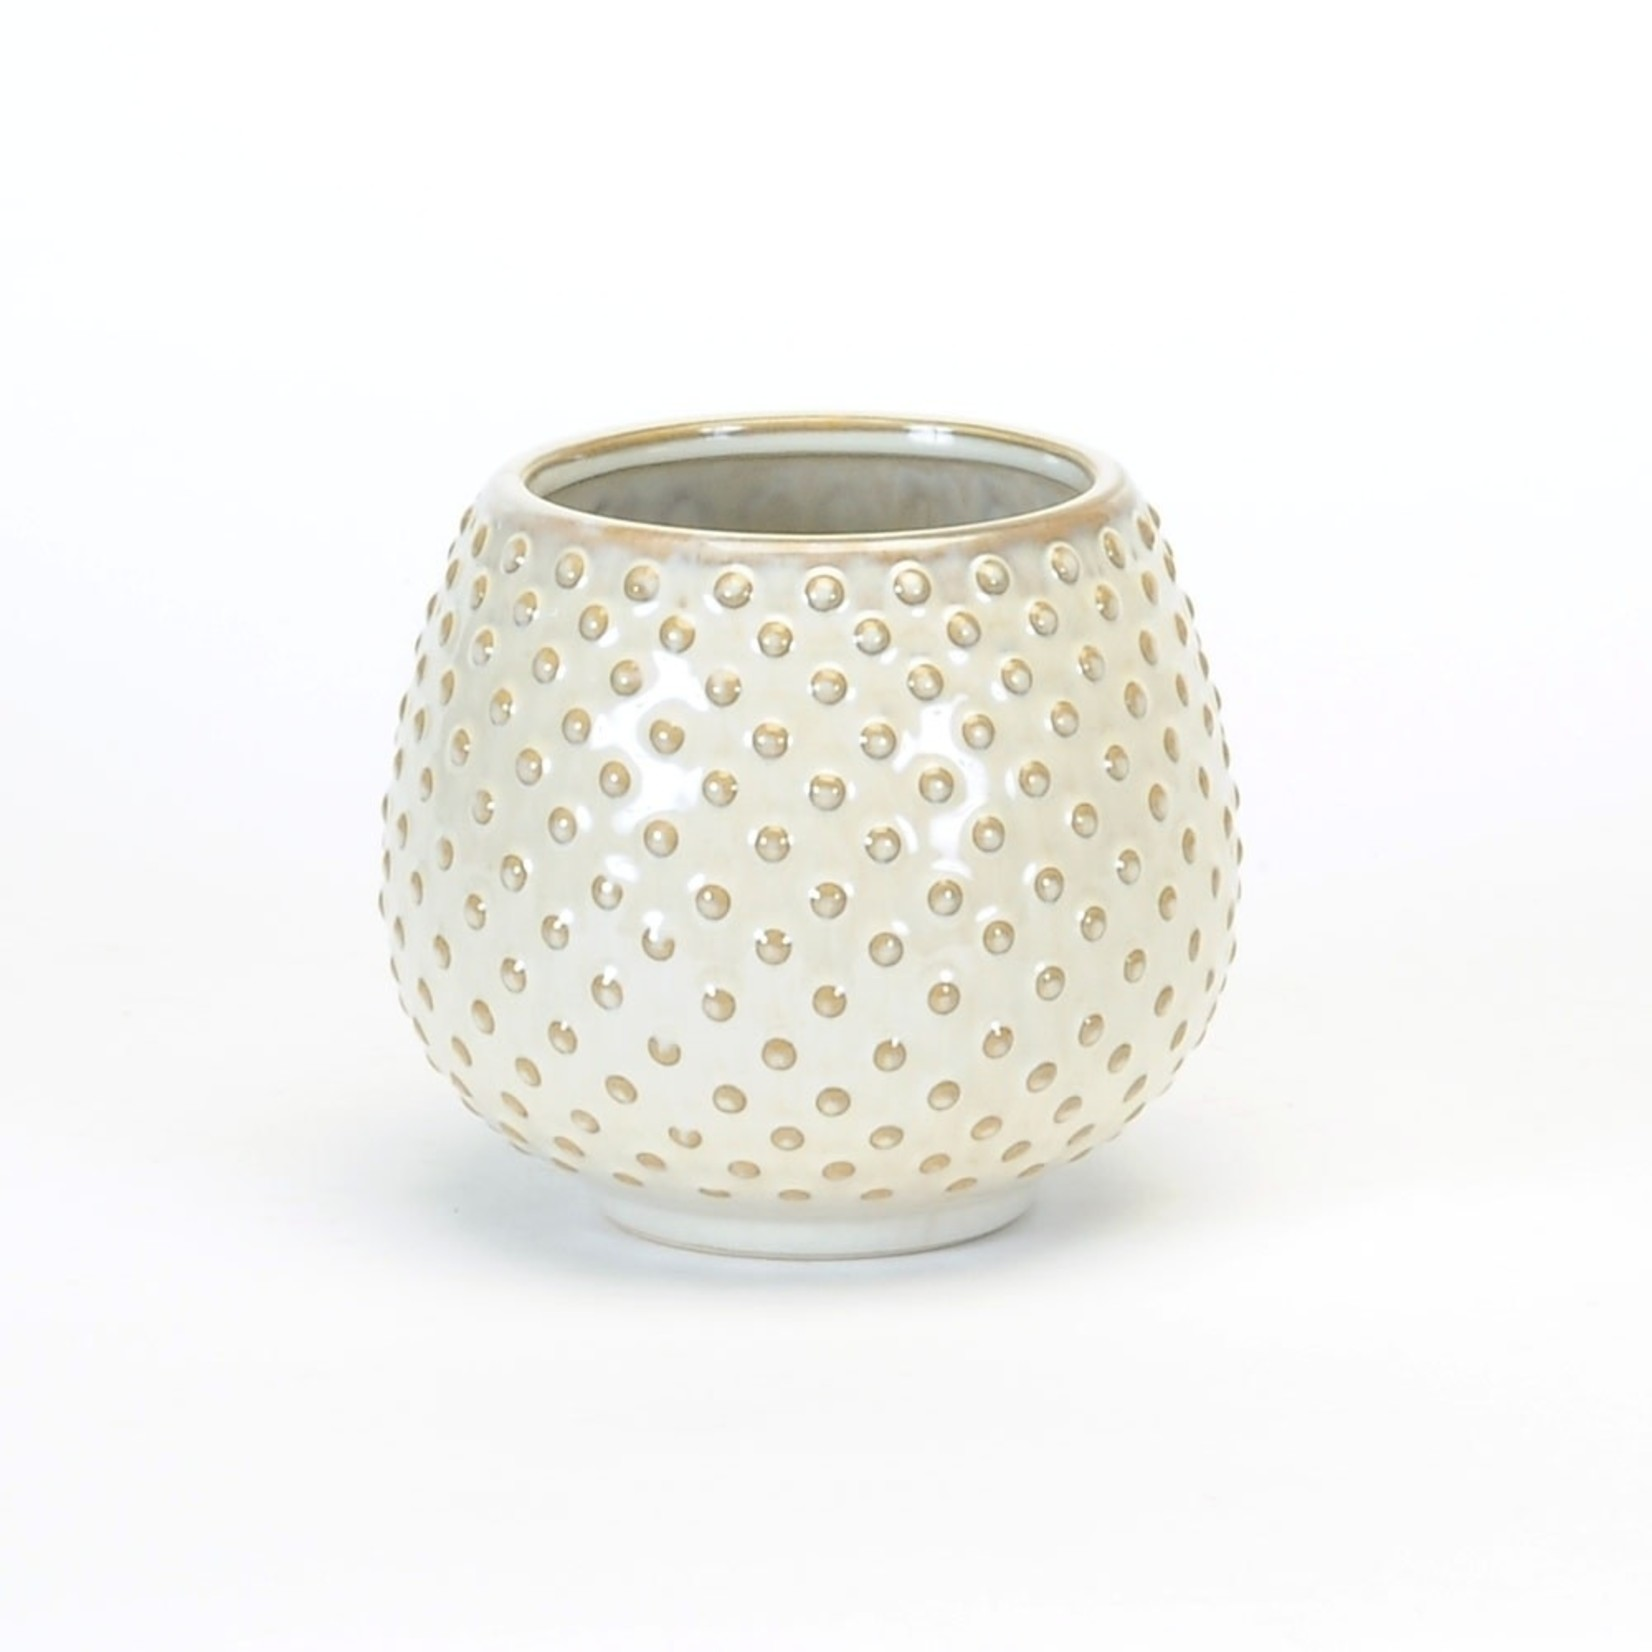 Round White Pot - Small